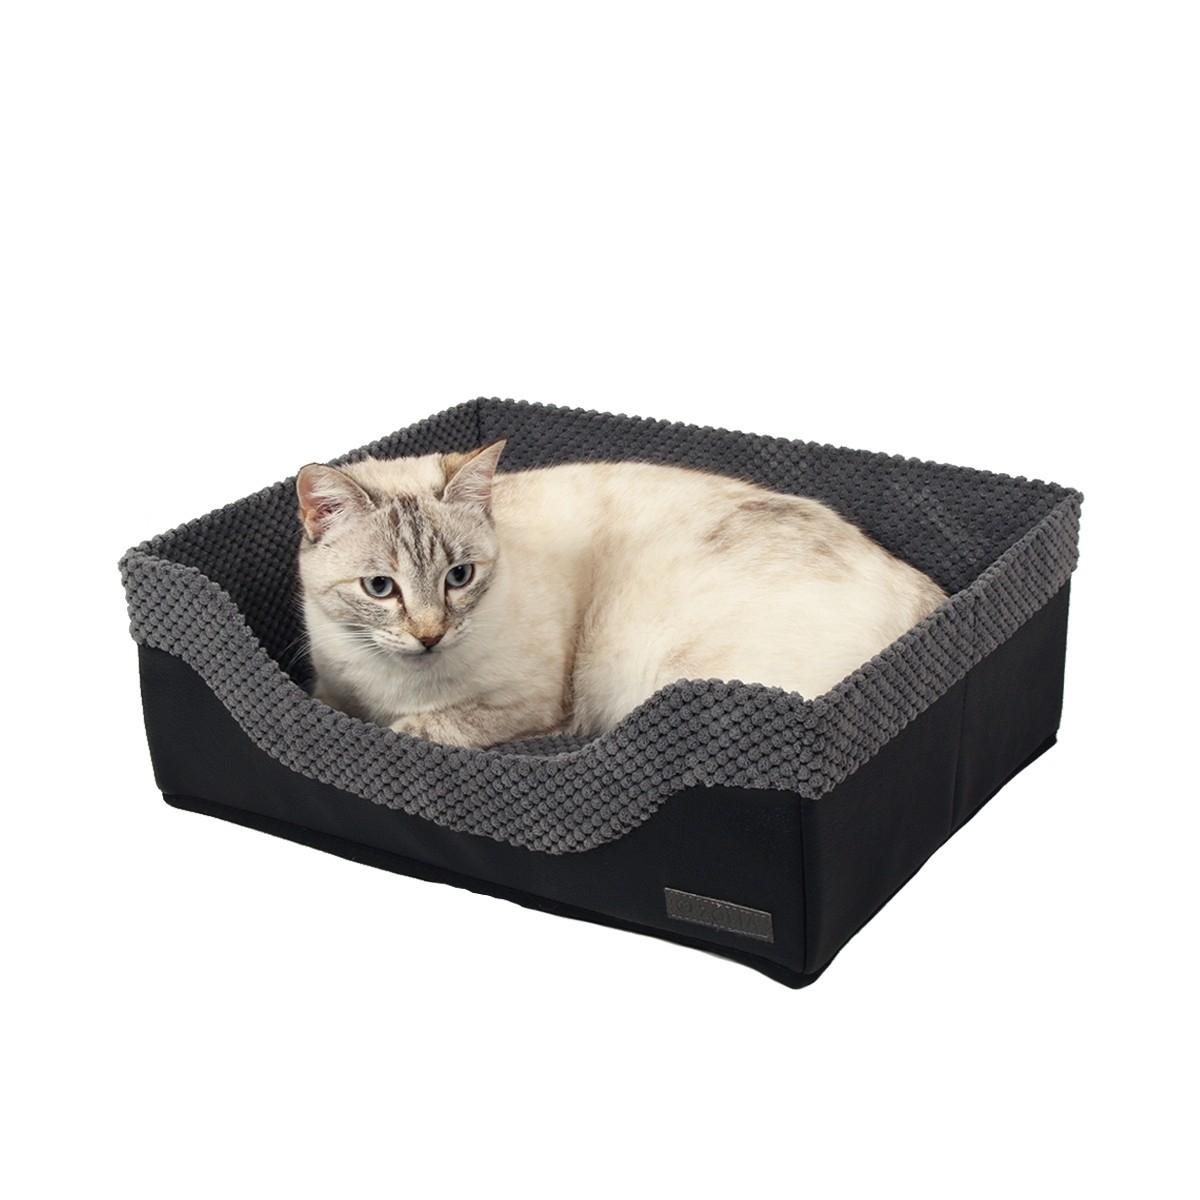 Panier qui convient aux très petits chiens ou aux chats